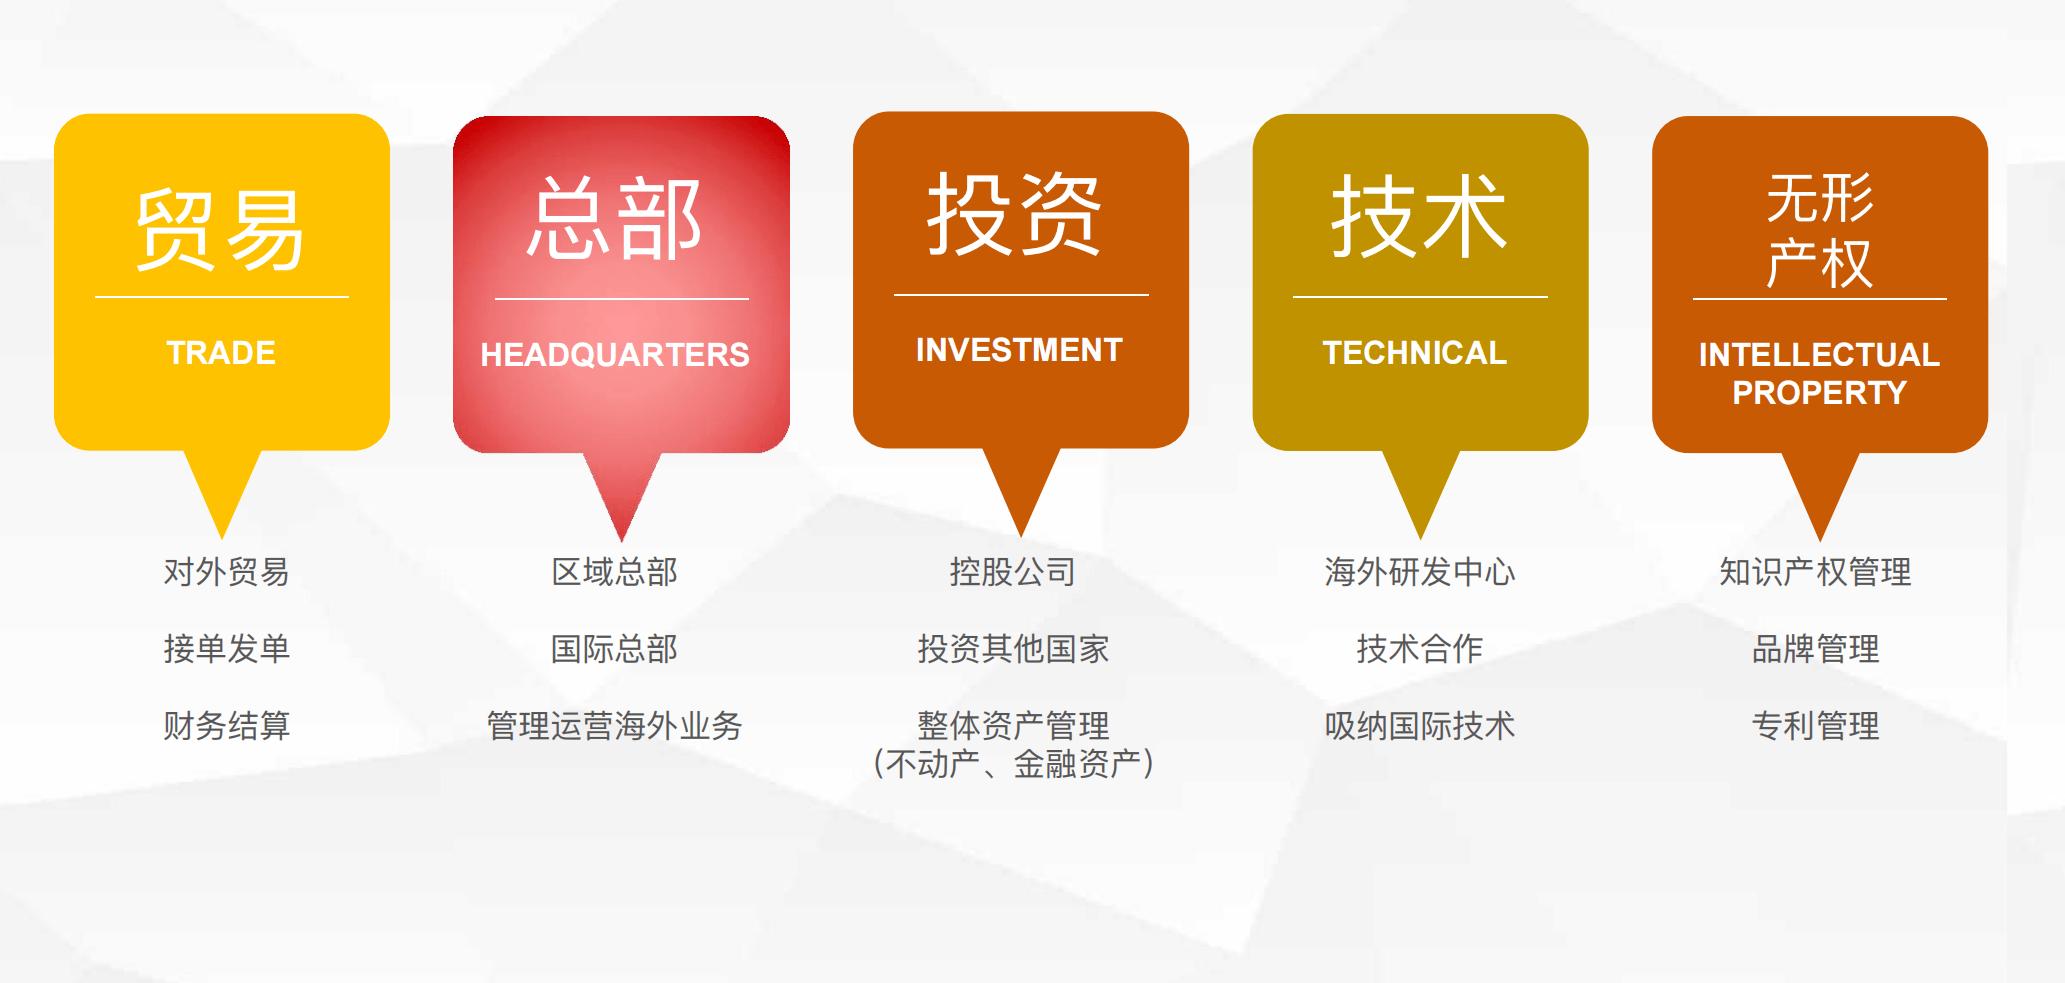 新加坡公司运作模式